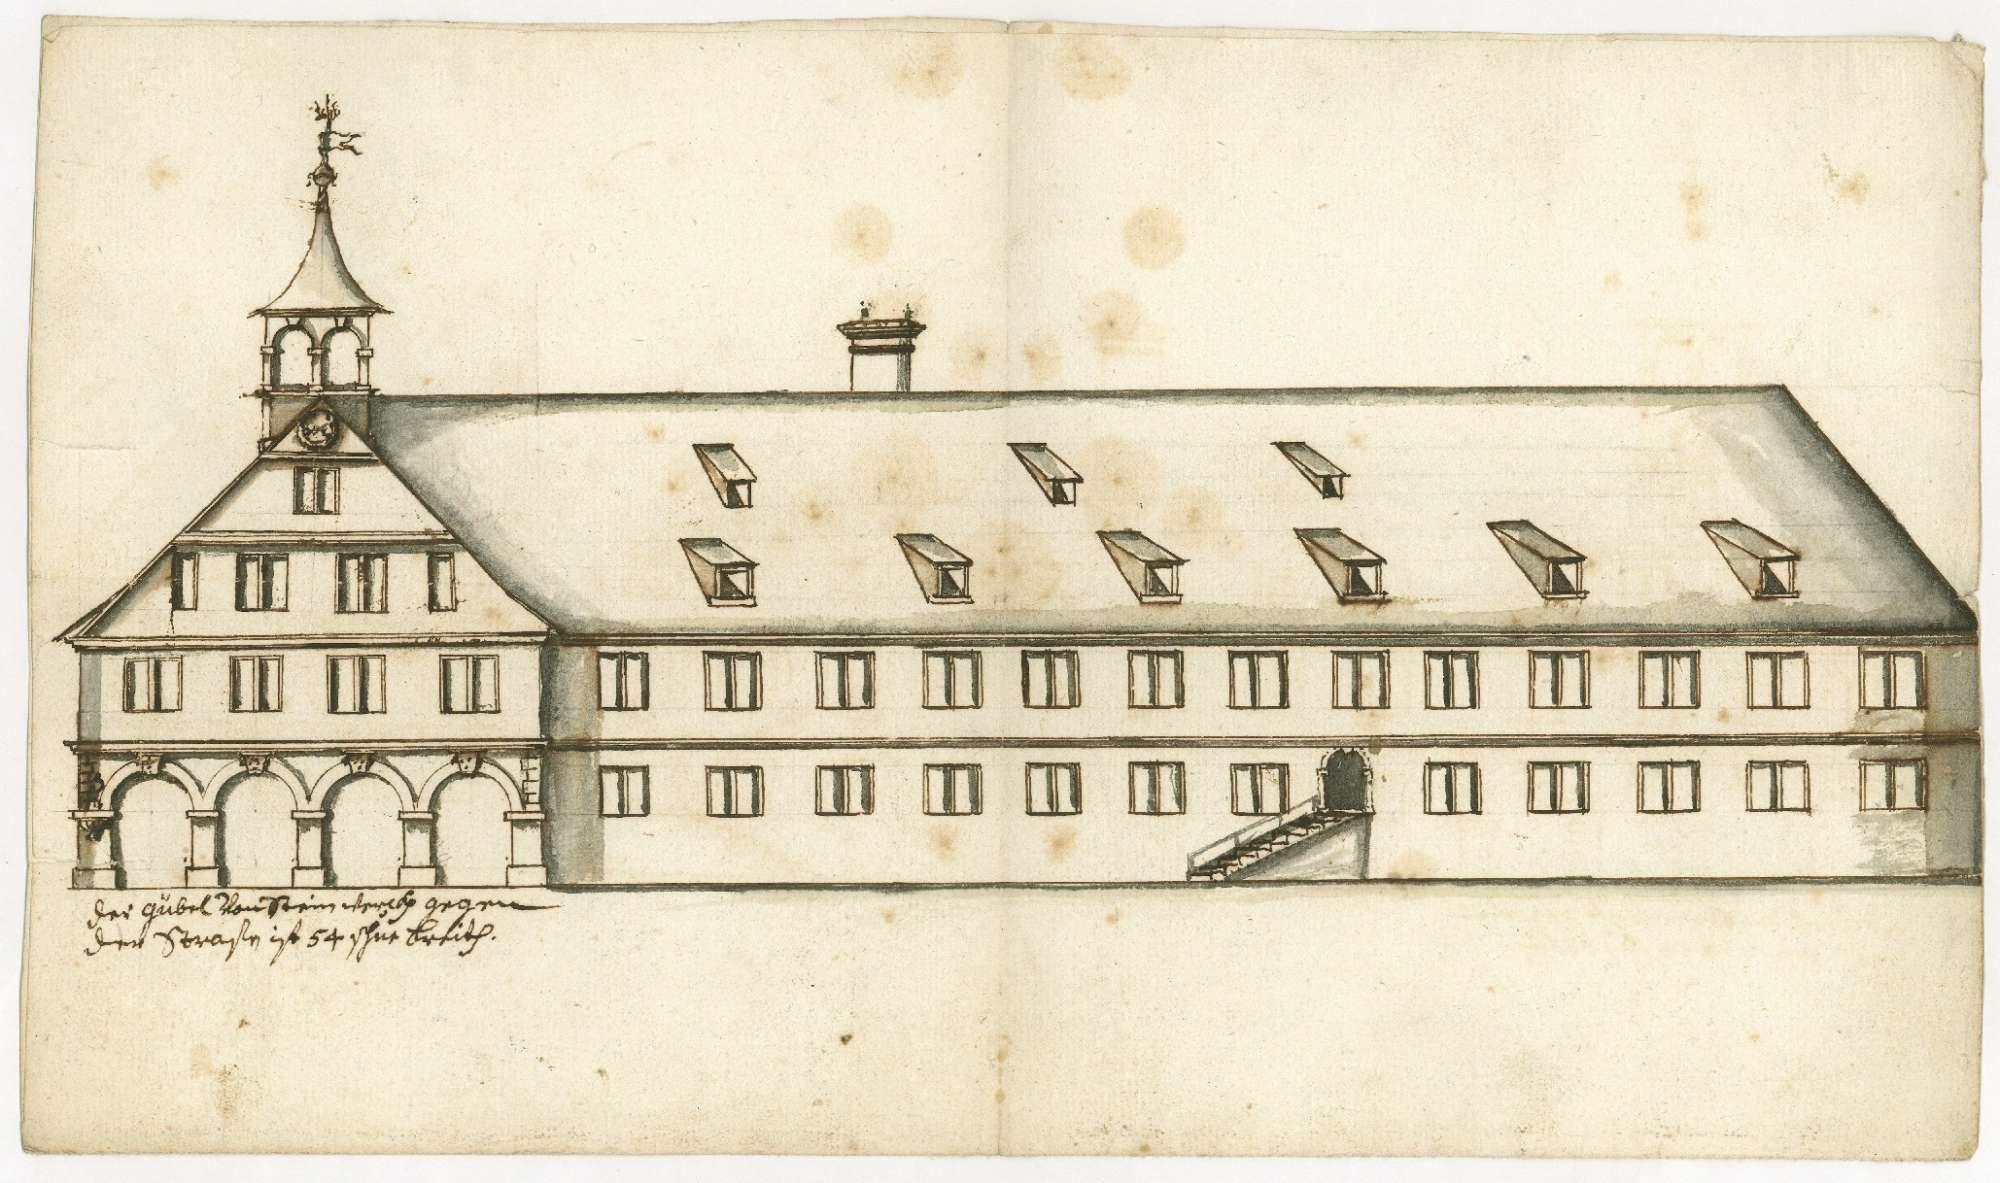 [Aufriss des Giebels und der Längsseite des neu zu bauenden Rathauses in Kirchheim], Bild 1